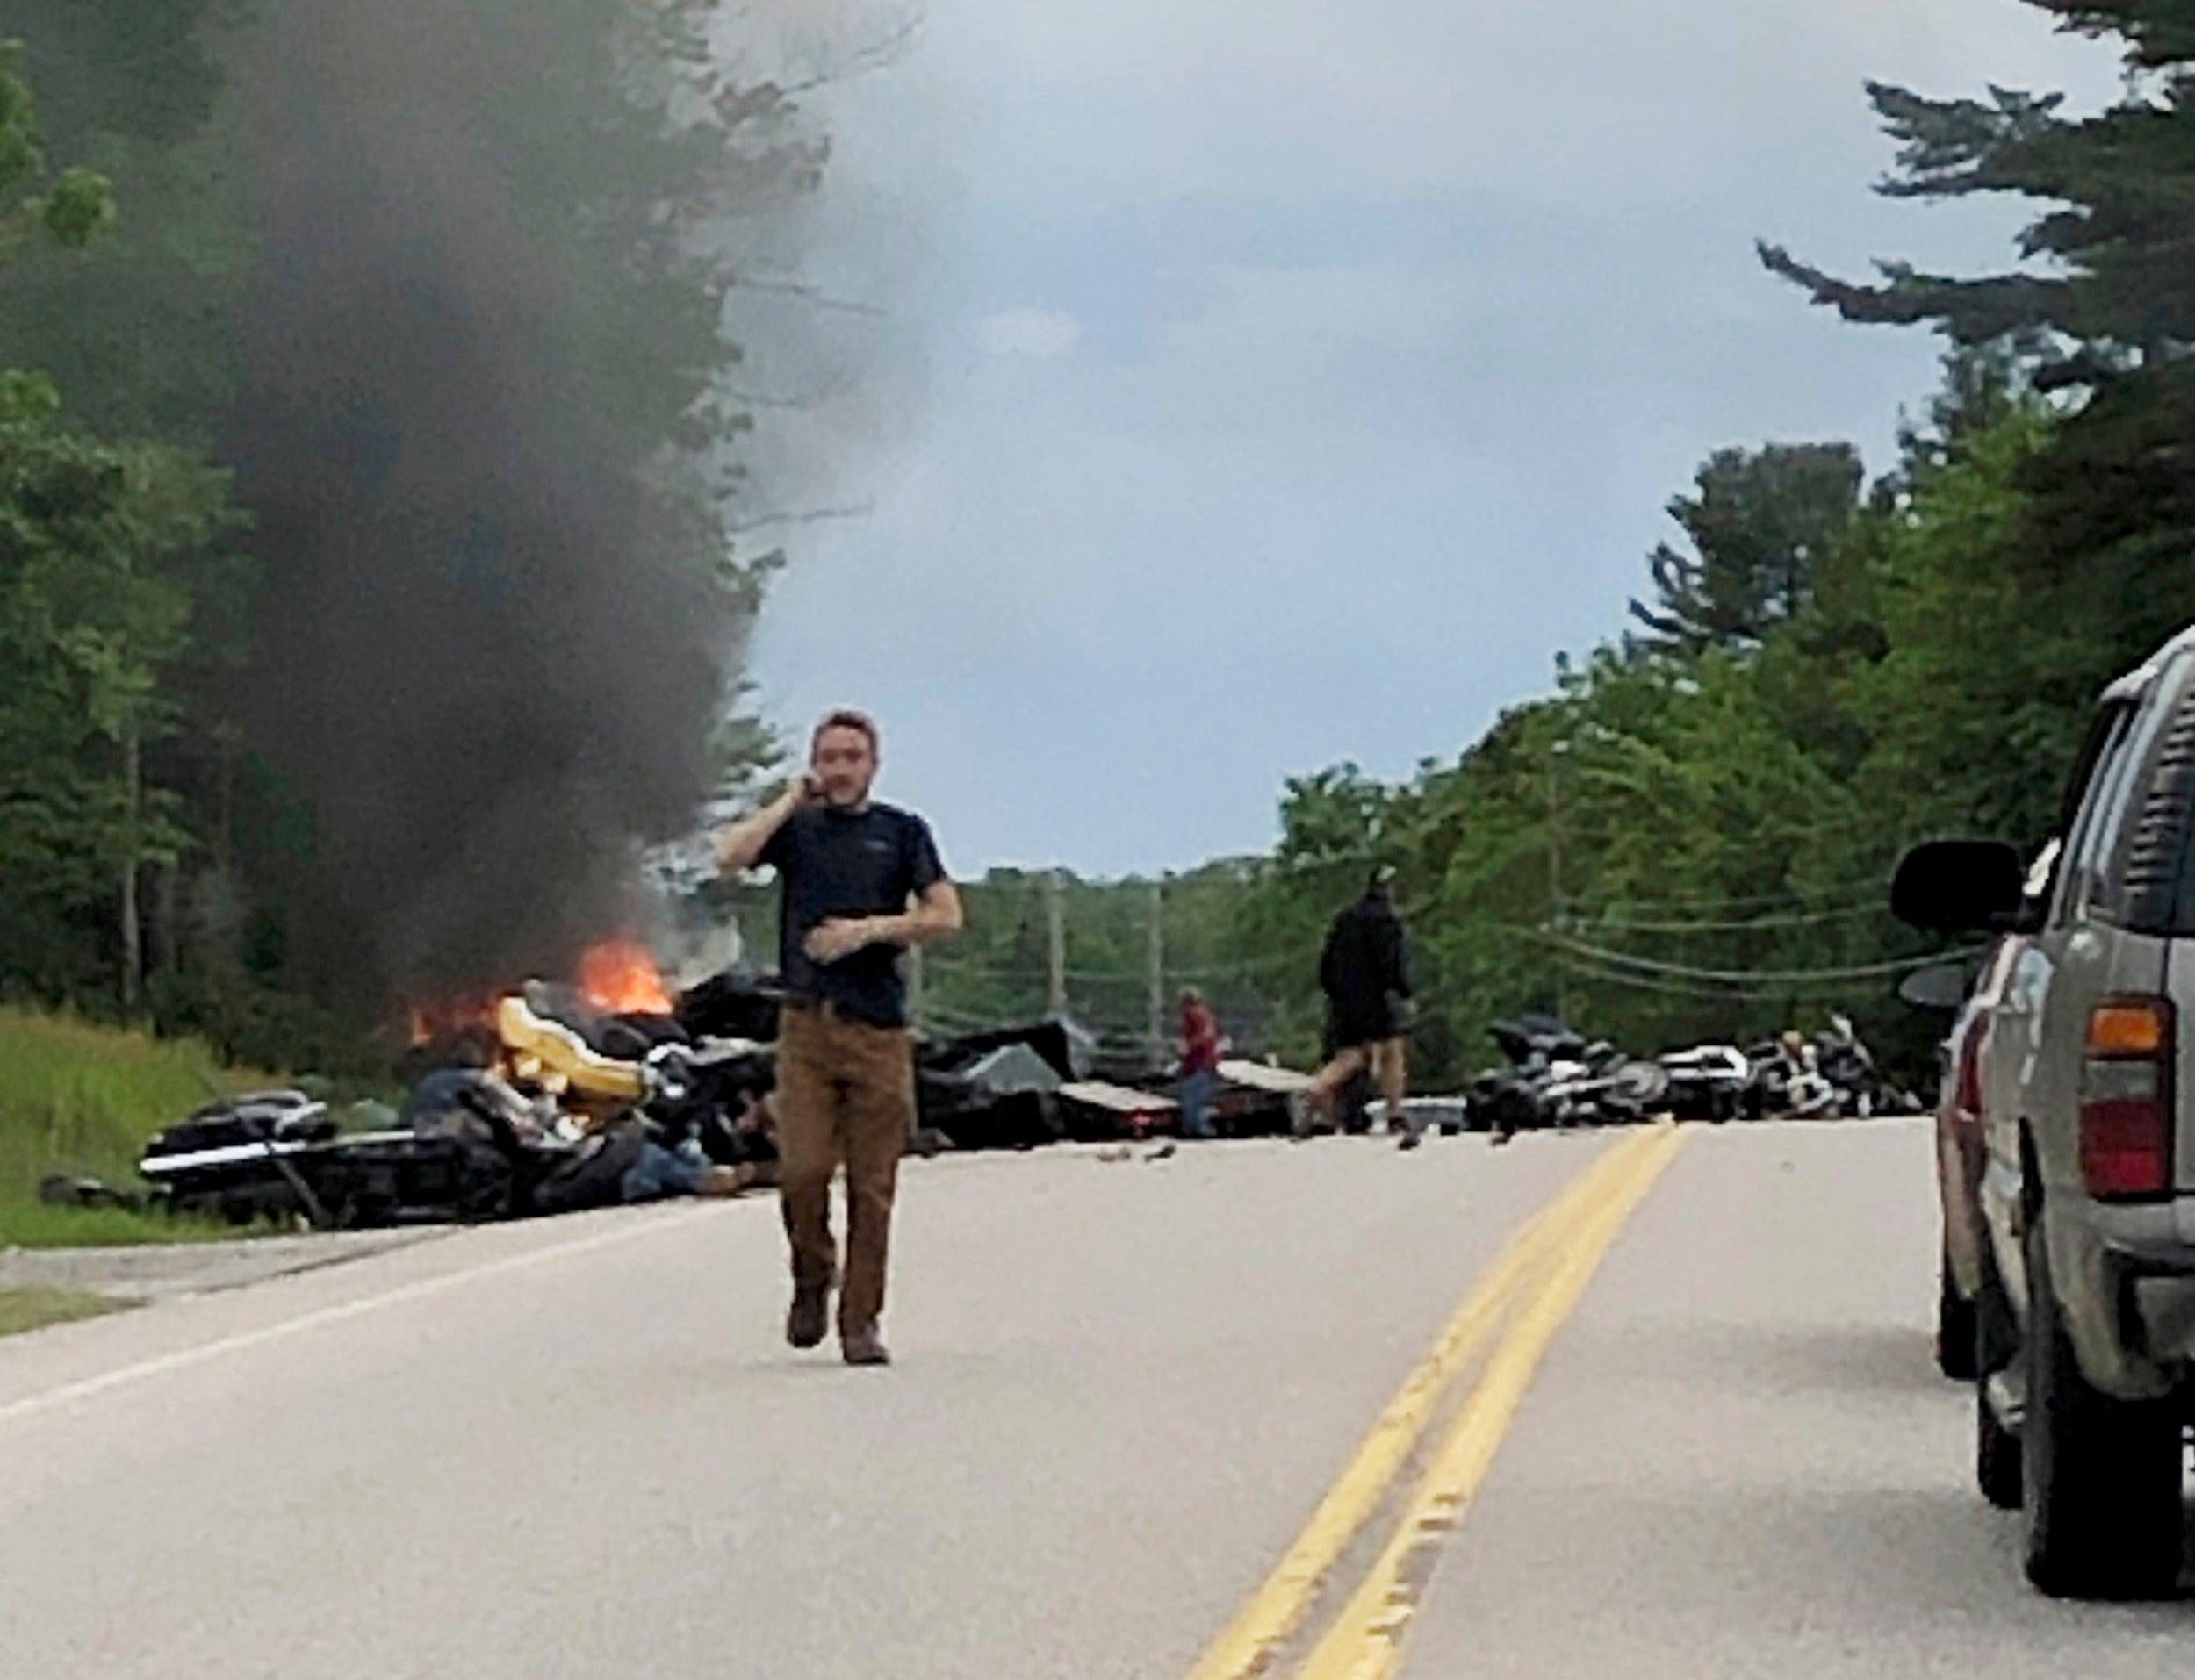 7 dead, 3 hurt in New Hampshire crash between truck, motorcycles